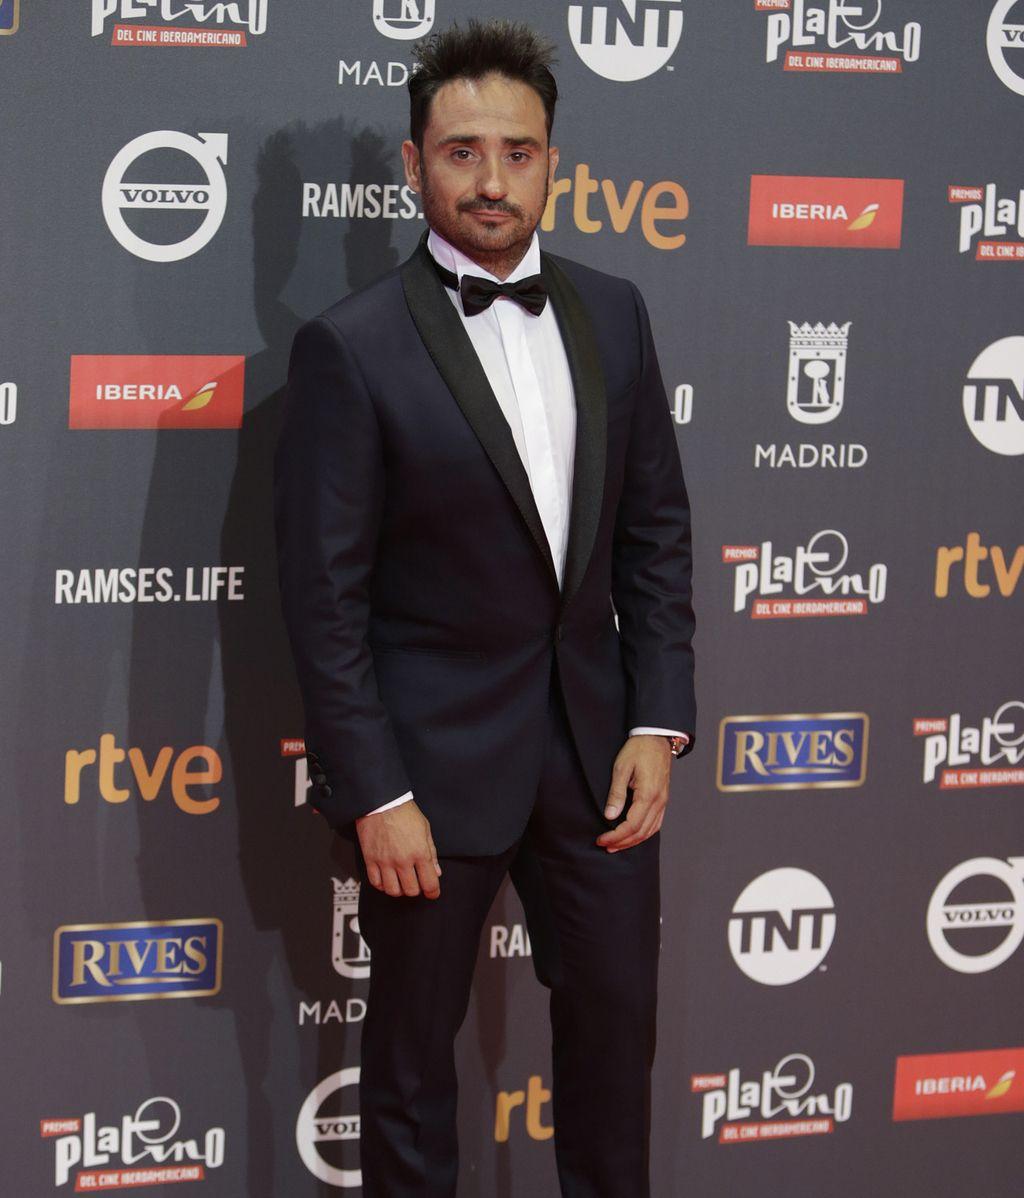 La alfombra roja de los Premio Latino, la gran fiesta del cine latino en Madrid